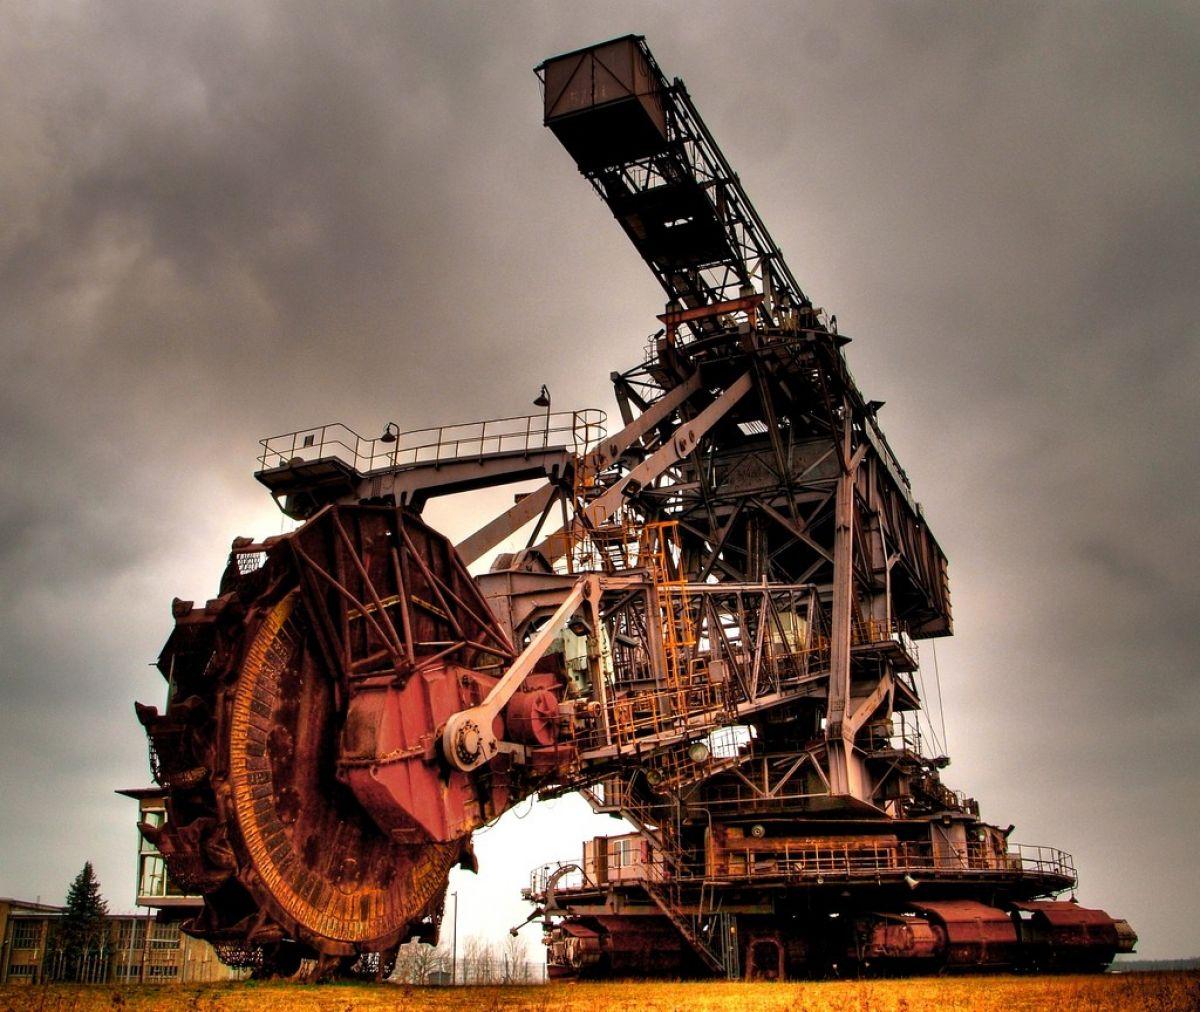 Мегаконструкции. Крупнейший в мире экскаватор Bagger 293 - 7